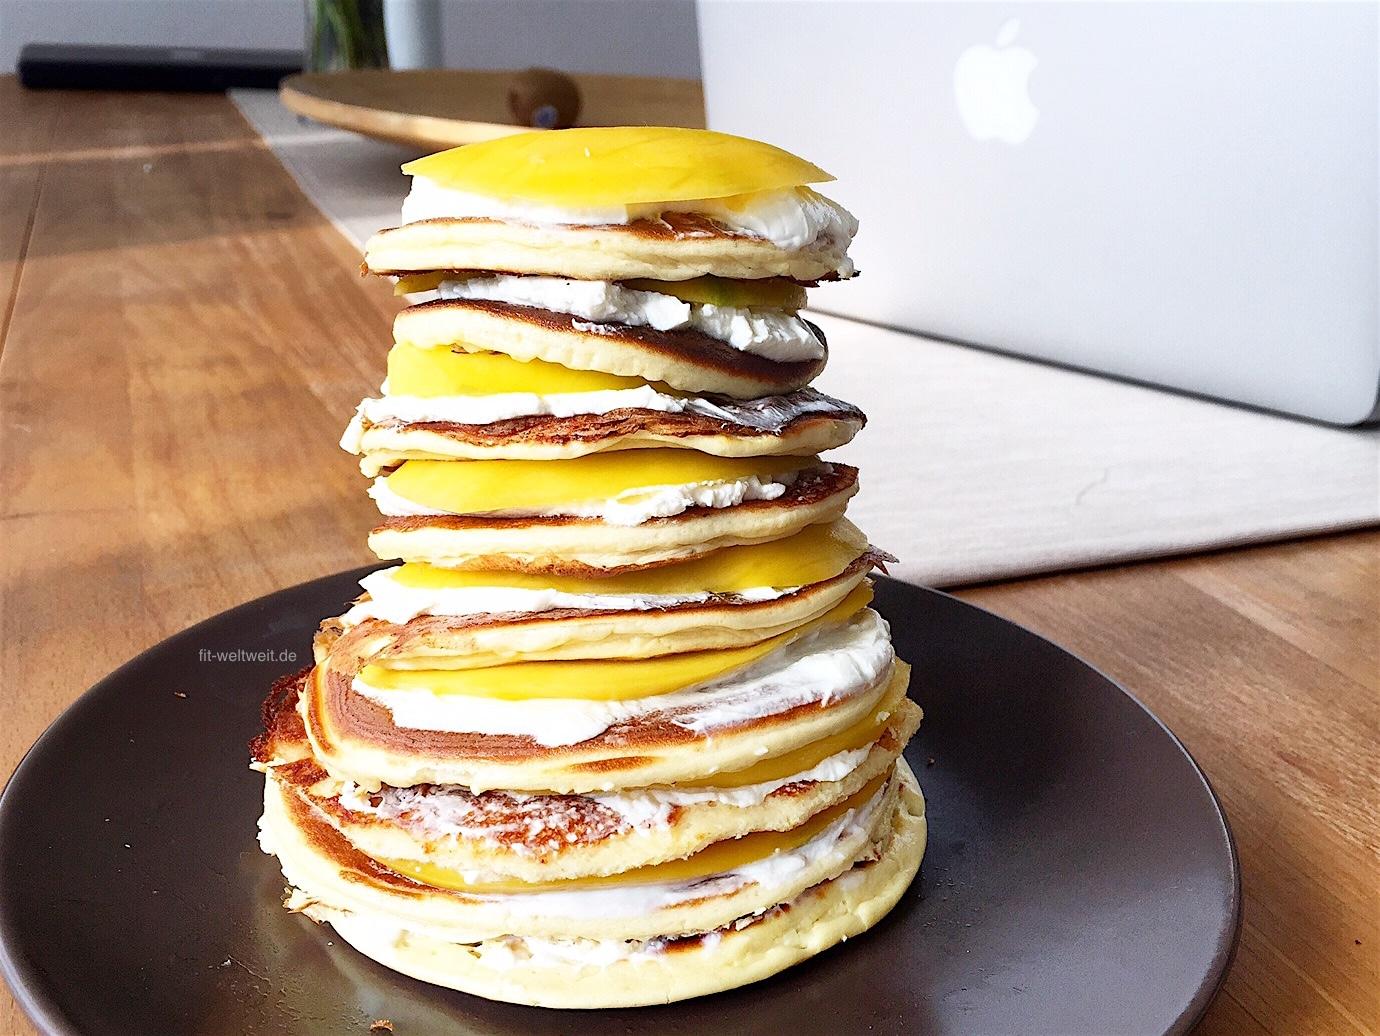 Abends kannst du Fette und Eiweiße essen. Protein flicken deine Zellen, die im Laufe des Tages oder beim Training kaputt gegangen sind. 101g Eiweiß / Tower. #Fitness #Rezepte zum Abnehmen und zum Abendessen oder Mittagessen. Auch zum Frühstück sind Pamcakes lecker. Diese Mango Tower Pancakes sind perfekt für den #Muskelaufbau geeignet. Vegetarisch und leicht. Auch gut fürs Büro als Meal Prep, Fitness Food Rezepte